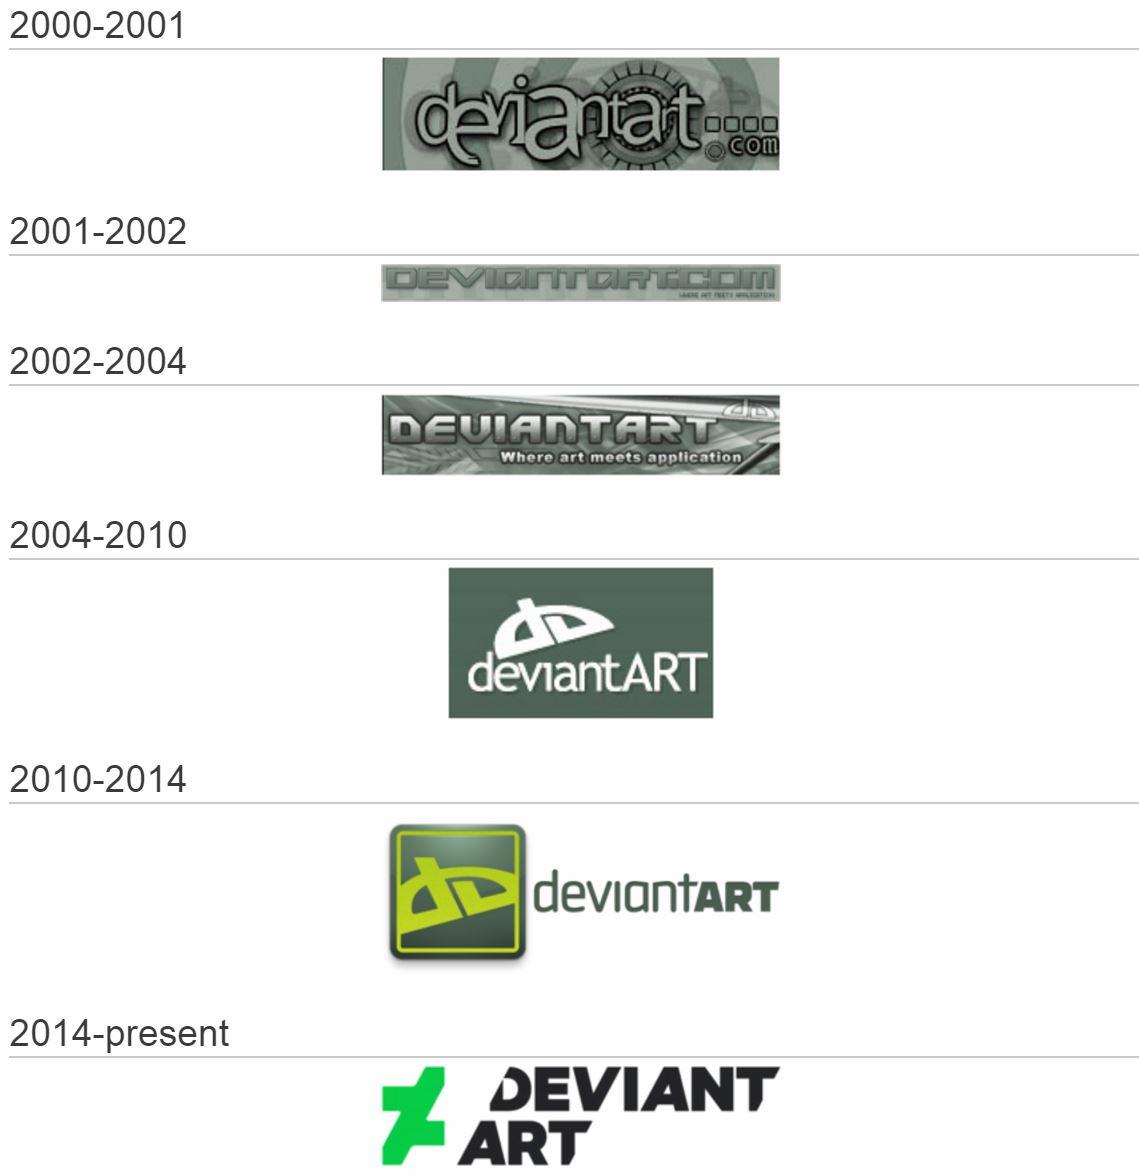 deviantart-logo-history